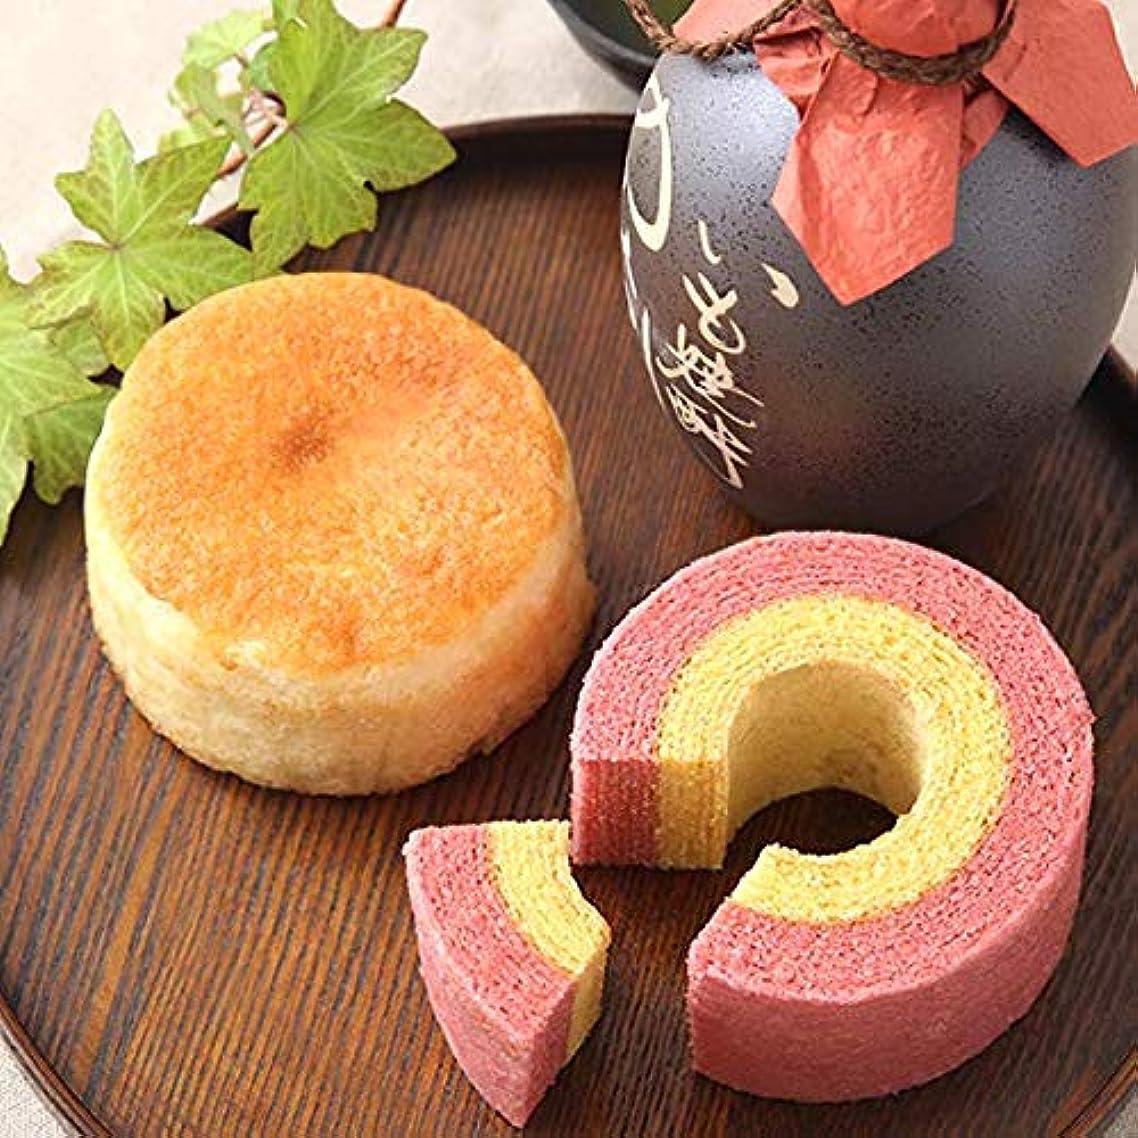 一時解雇する節約するベジタリアンお祝い ギフト 焼酎ケーキと苺バウムクーヘン スイーツ